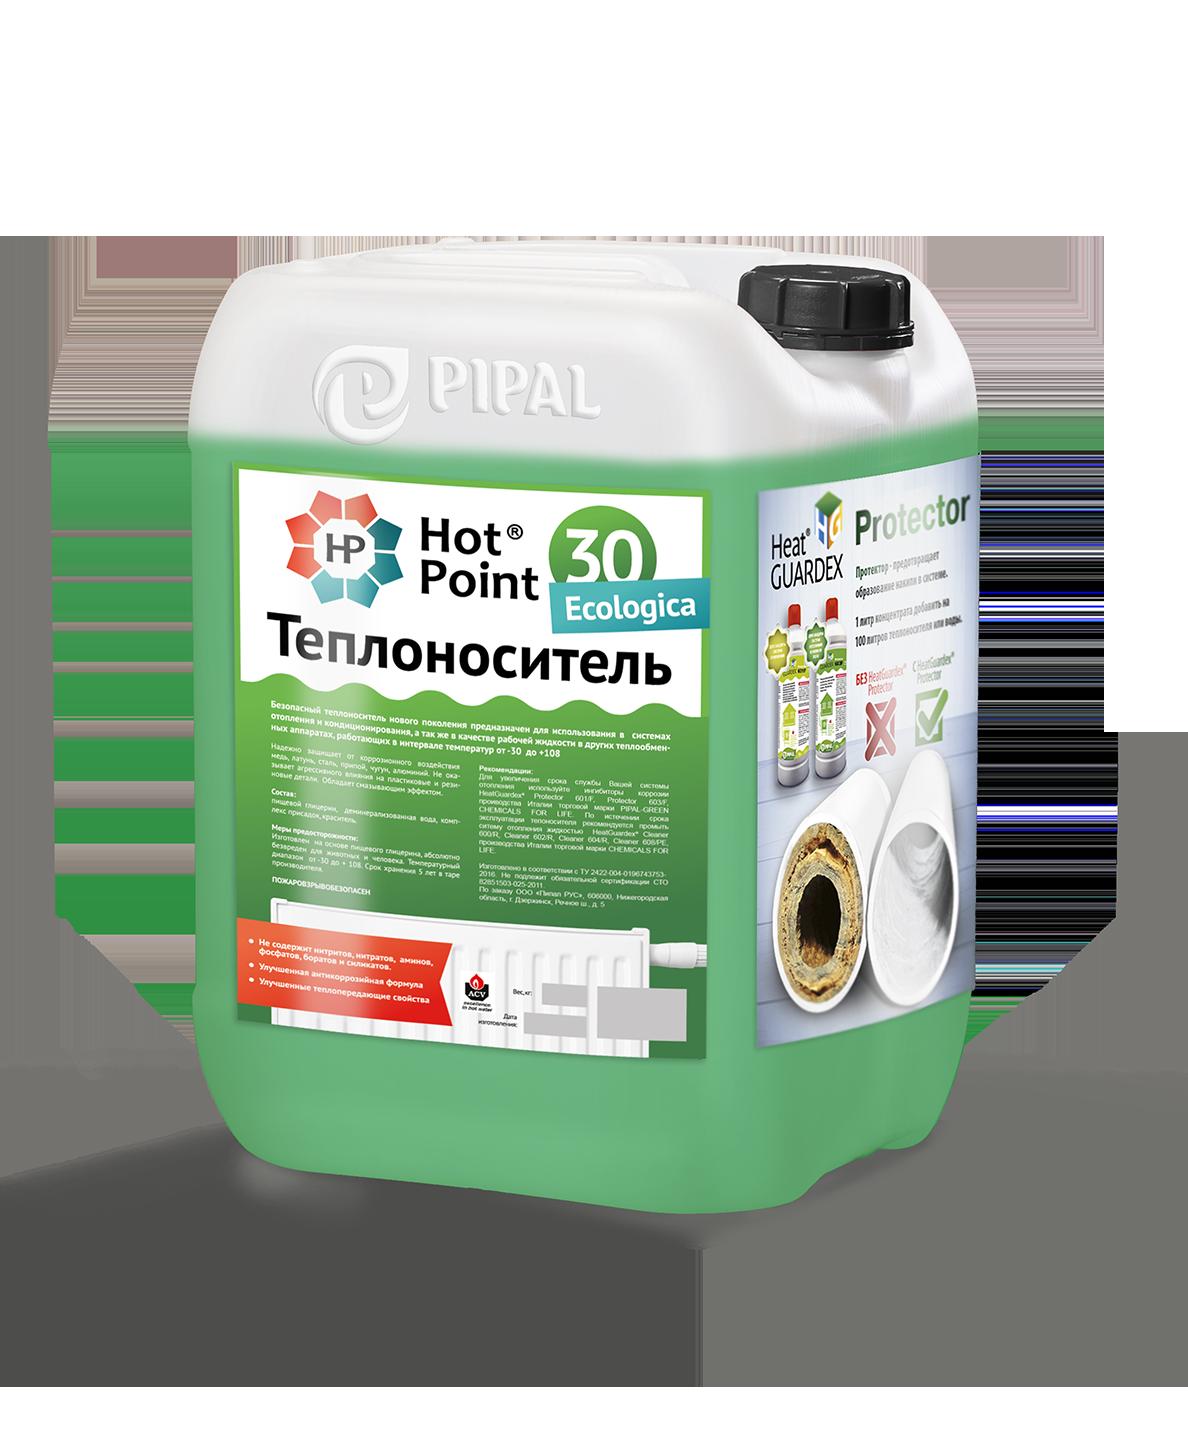 HeatGuardex CLEANER 820R - Очистка систем отопления Таганрог Пластины теплообменника Анвитэк ARX-30 Троицк